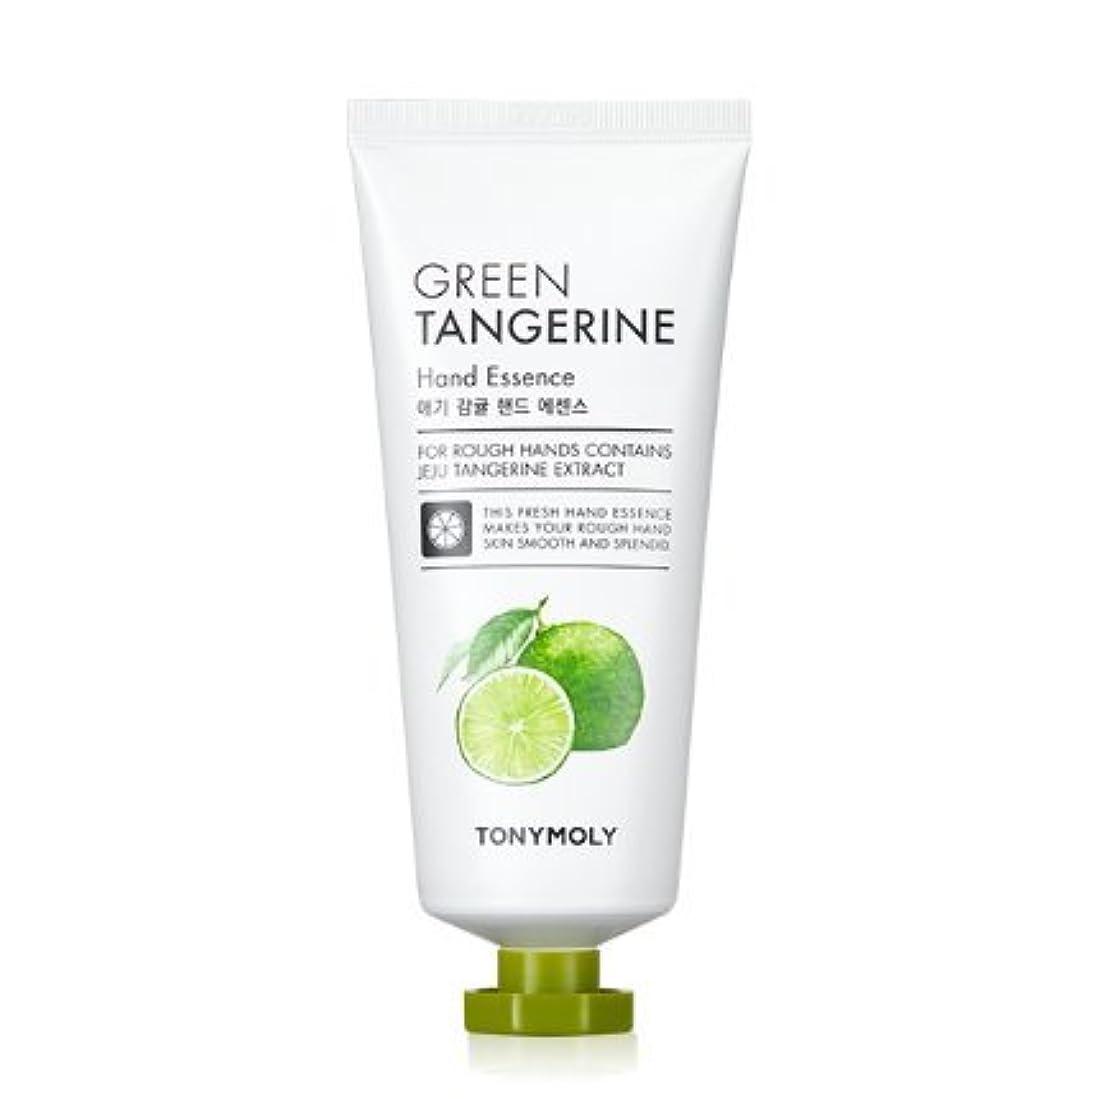 政令エピソード効能[Renewal] TONYMOLY Green Tangerine Hand Essence/トニーモリー 青みかん ハンド エッセンス 80g [並行輸入品]